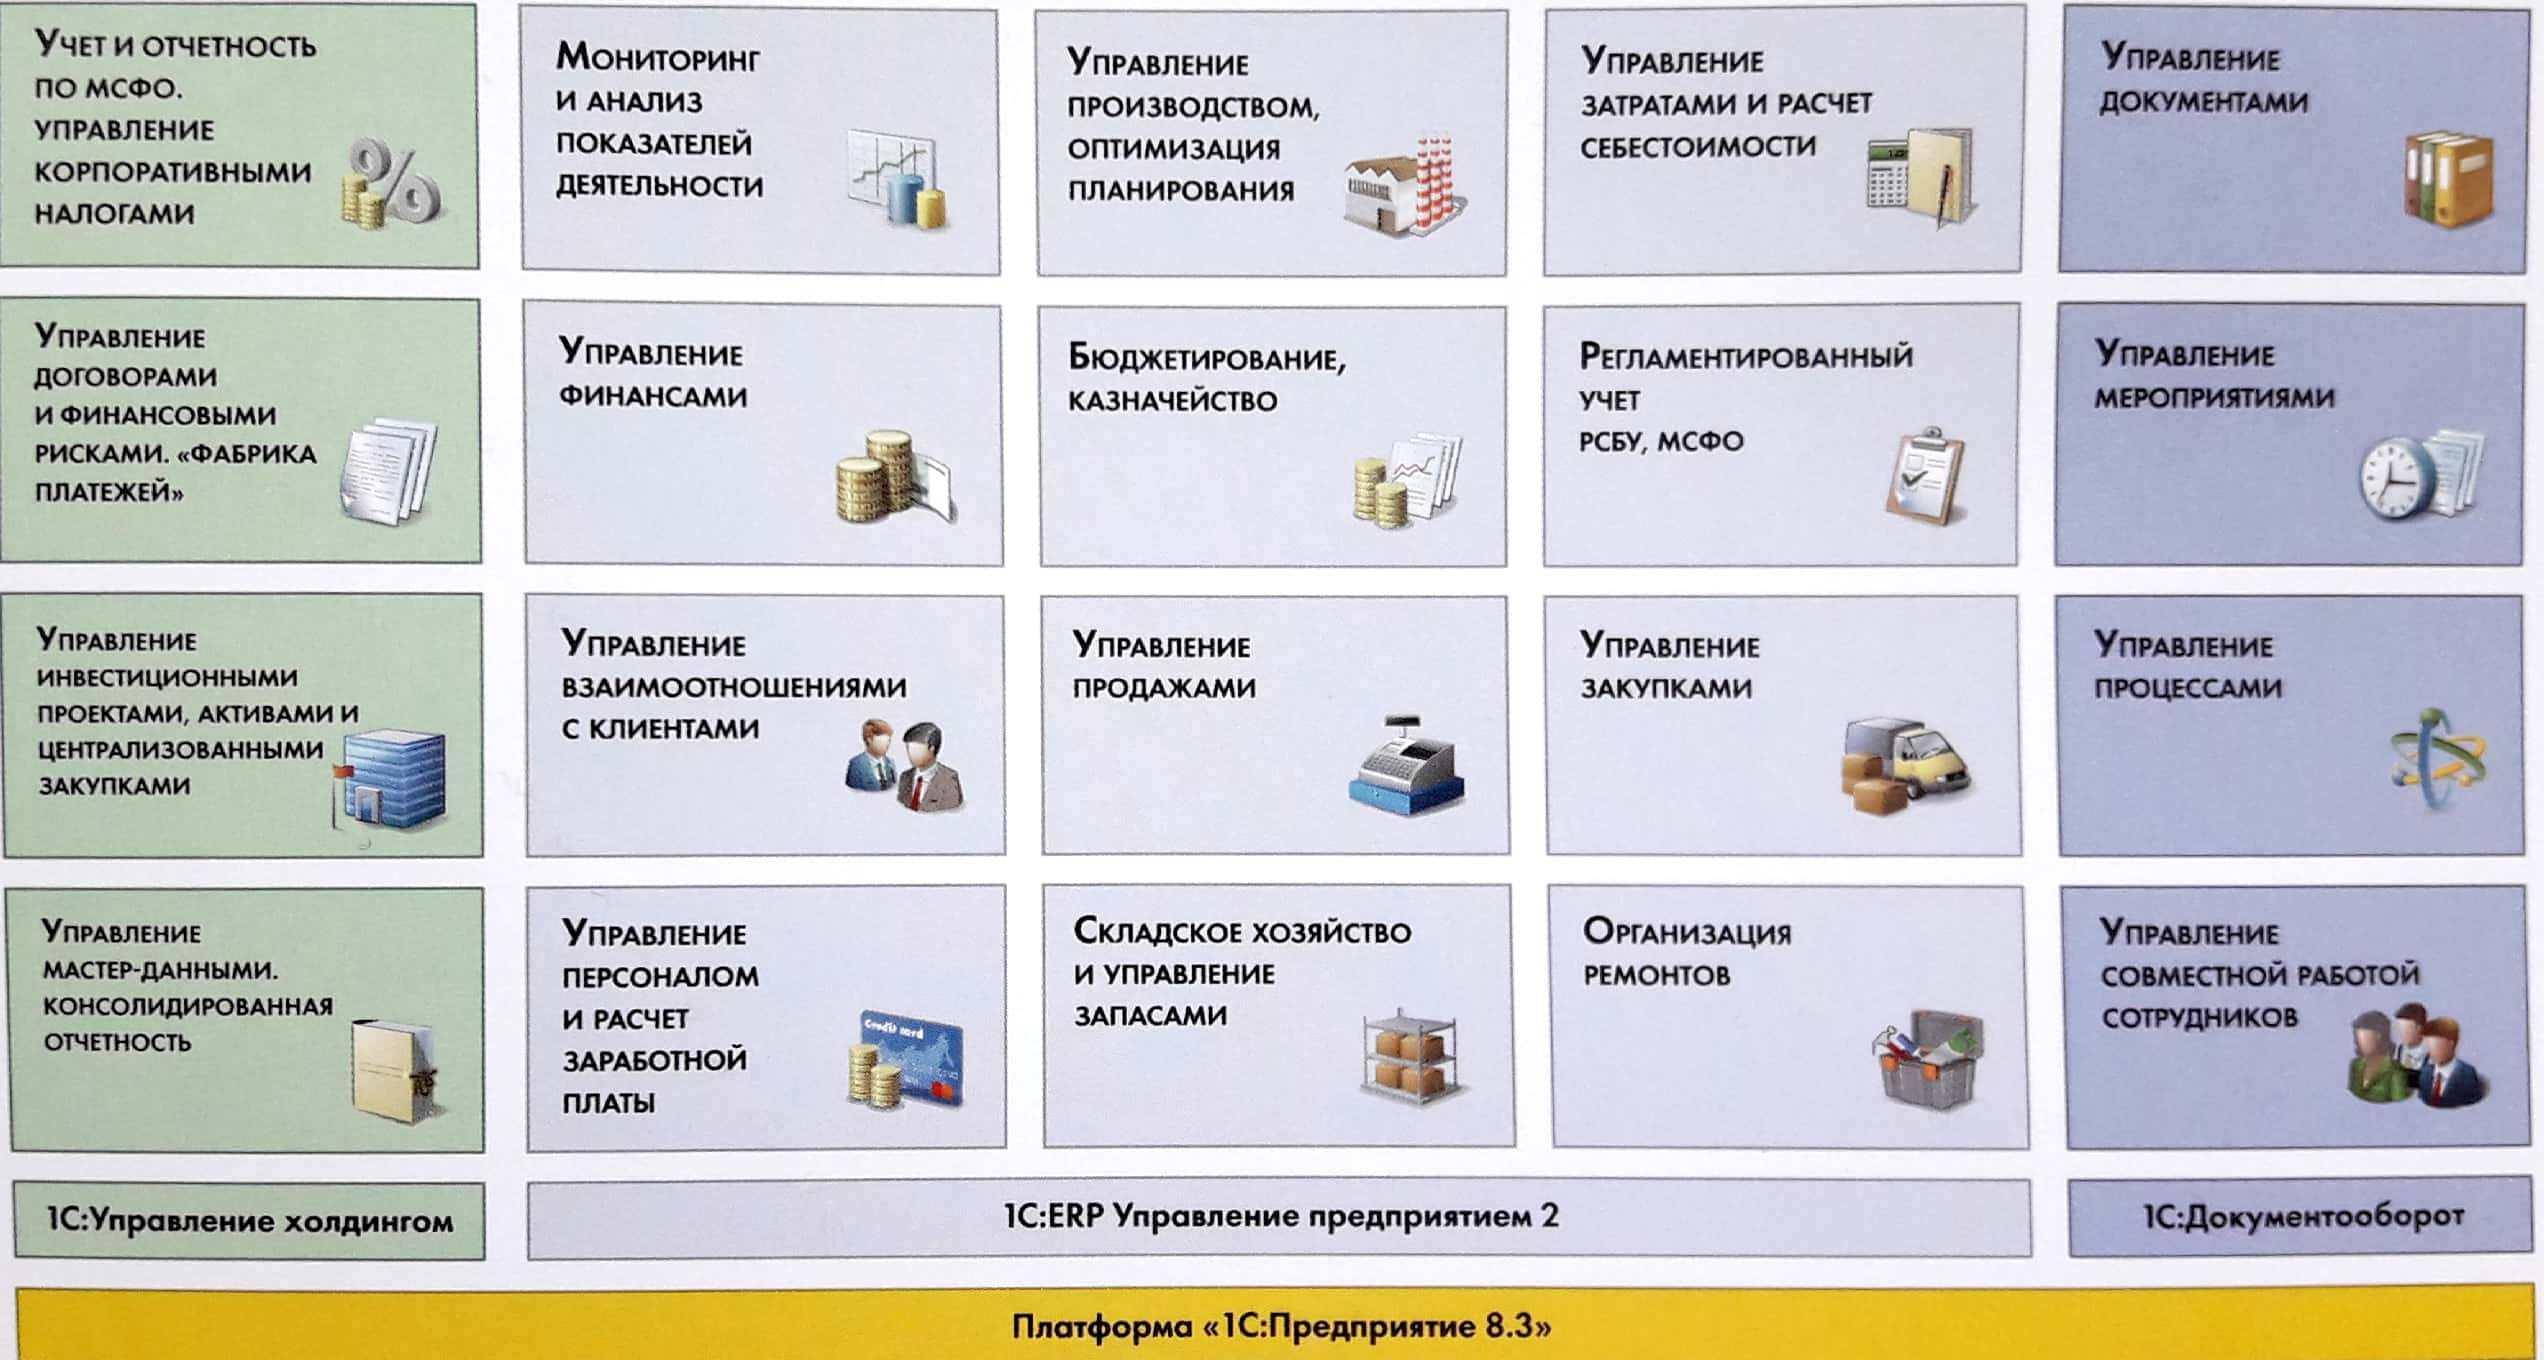 Преимущества решения 1С: ERP - как выбрать систему управления предприятием